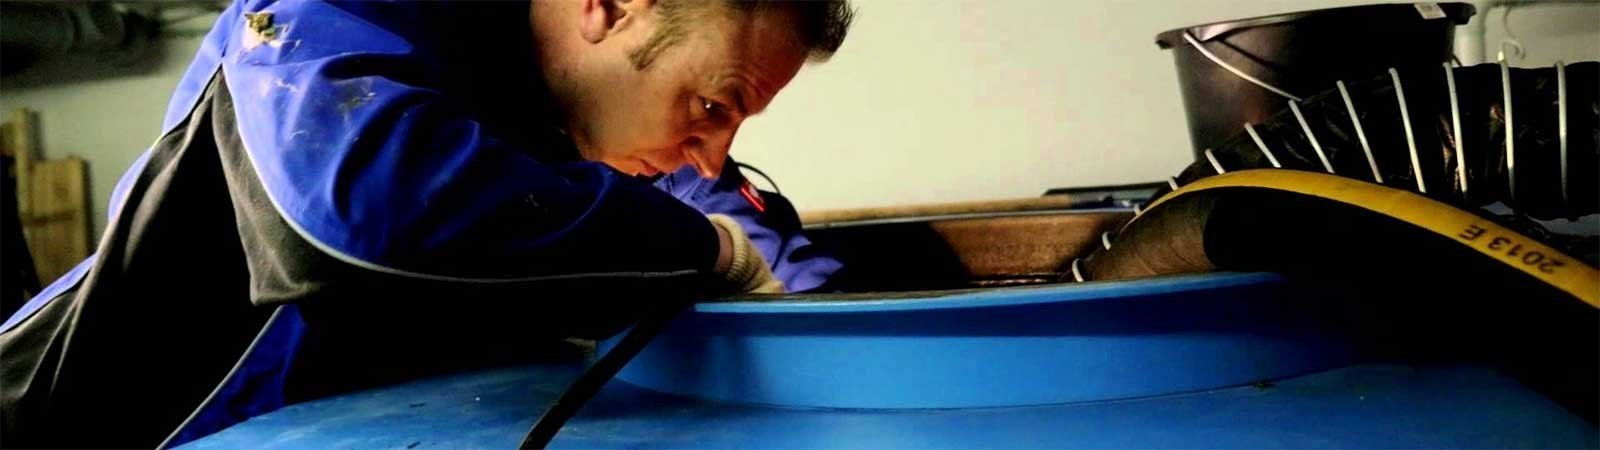 Öltank reinigen: Damit Ihre Heizung störungsfrei läuft